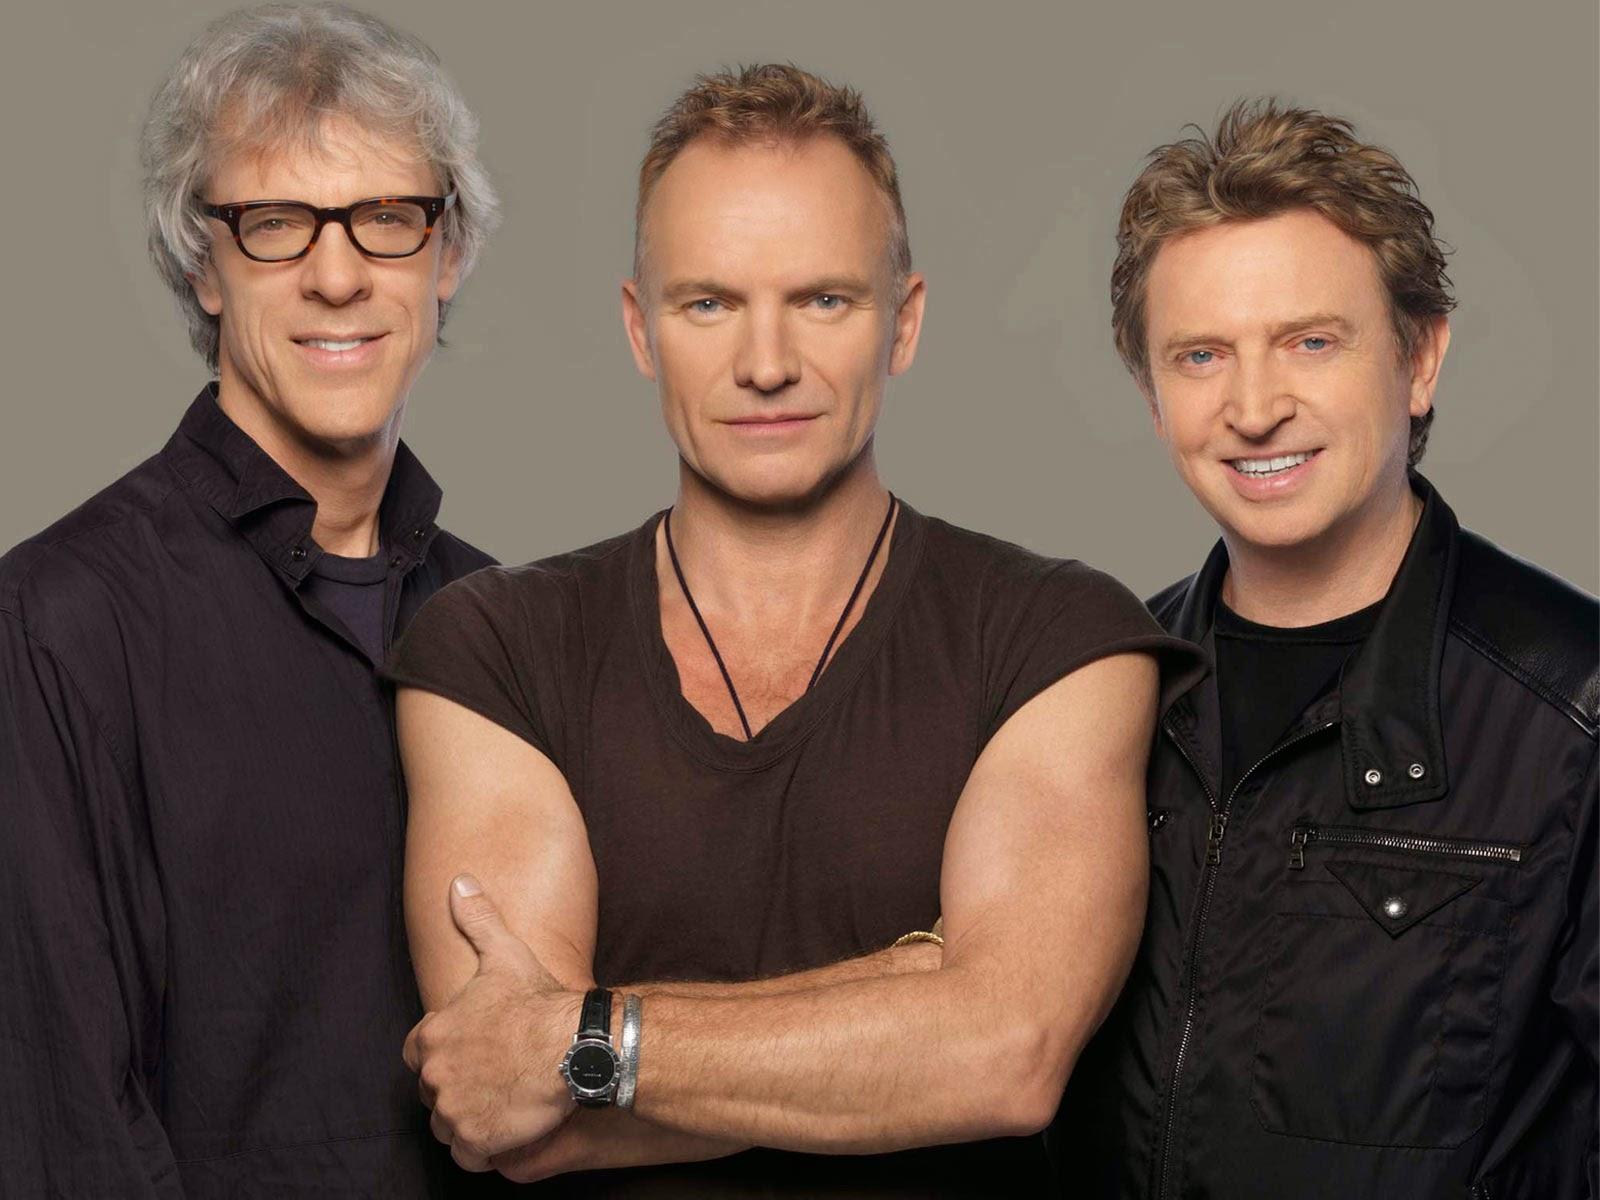 b5772686a5324 Reunidos em 2007, o trio se prepara para mais alguns shows que dariam um  gosto mais nostálgico pra quem viveu o final dos anos 70 e lá no